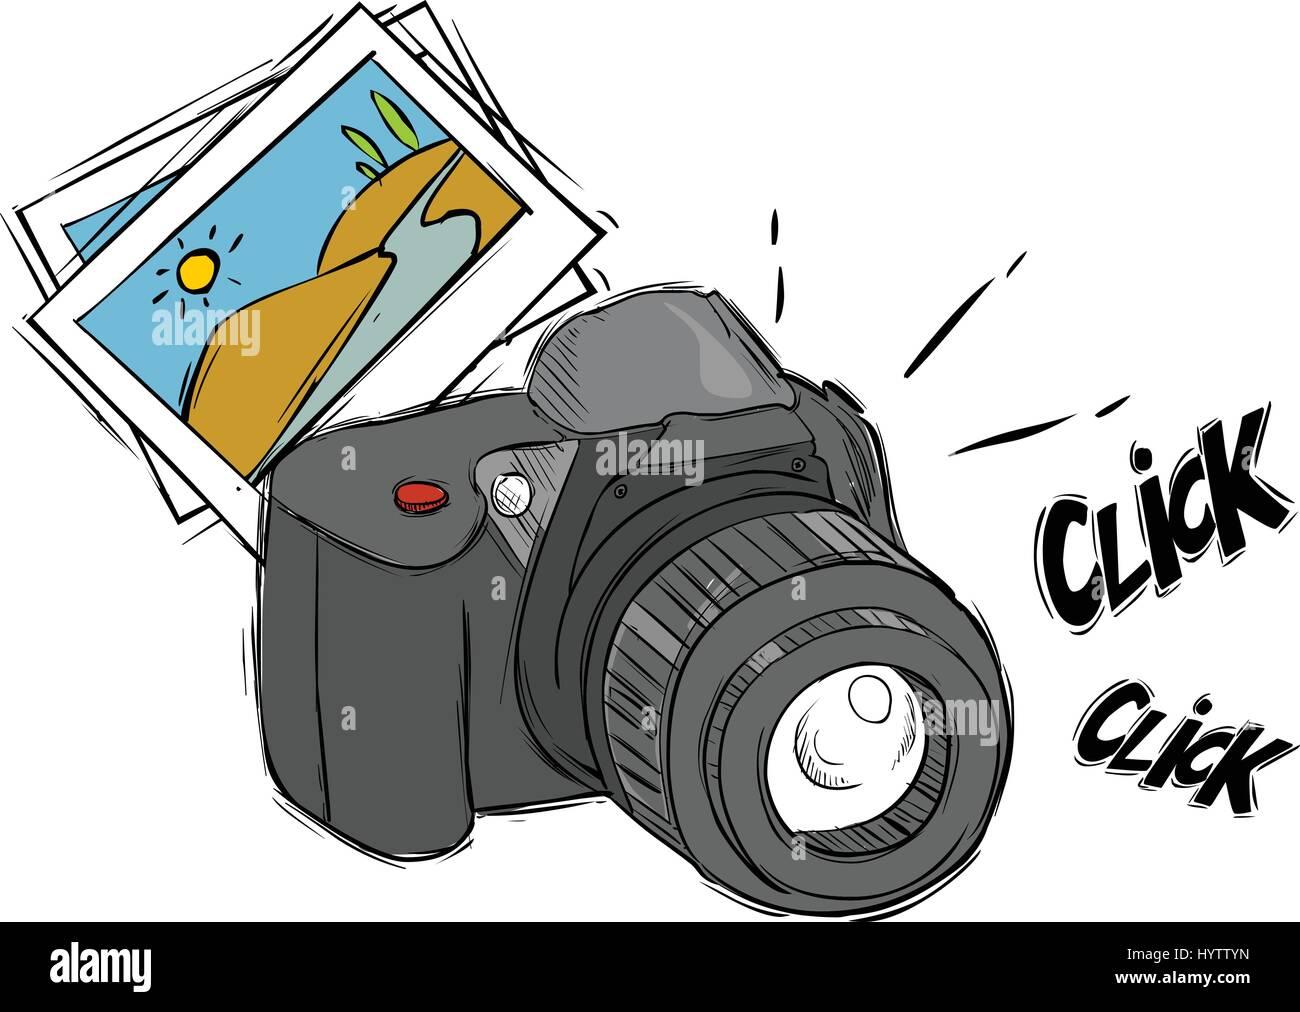 Dessin Appareil Photo vector illustration d'un appareil photo de dessin animé vecteurs et